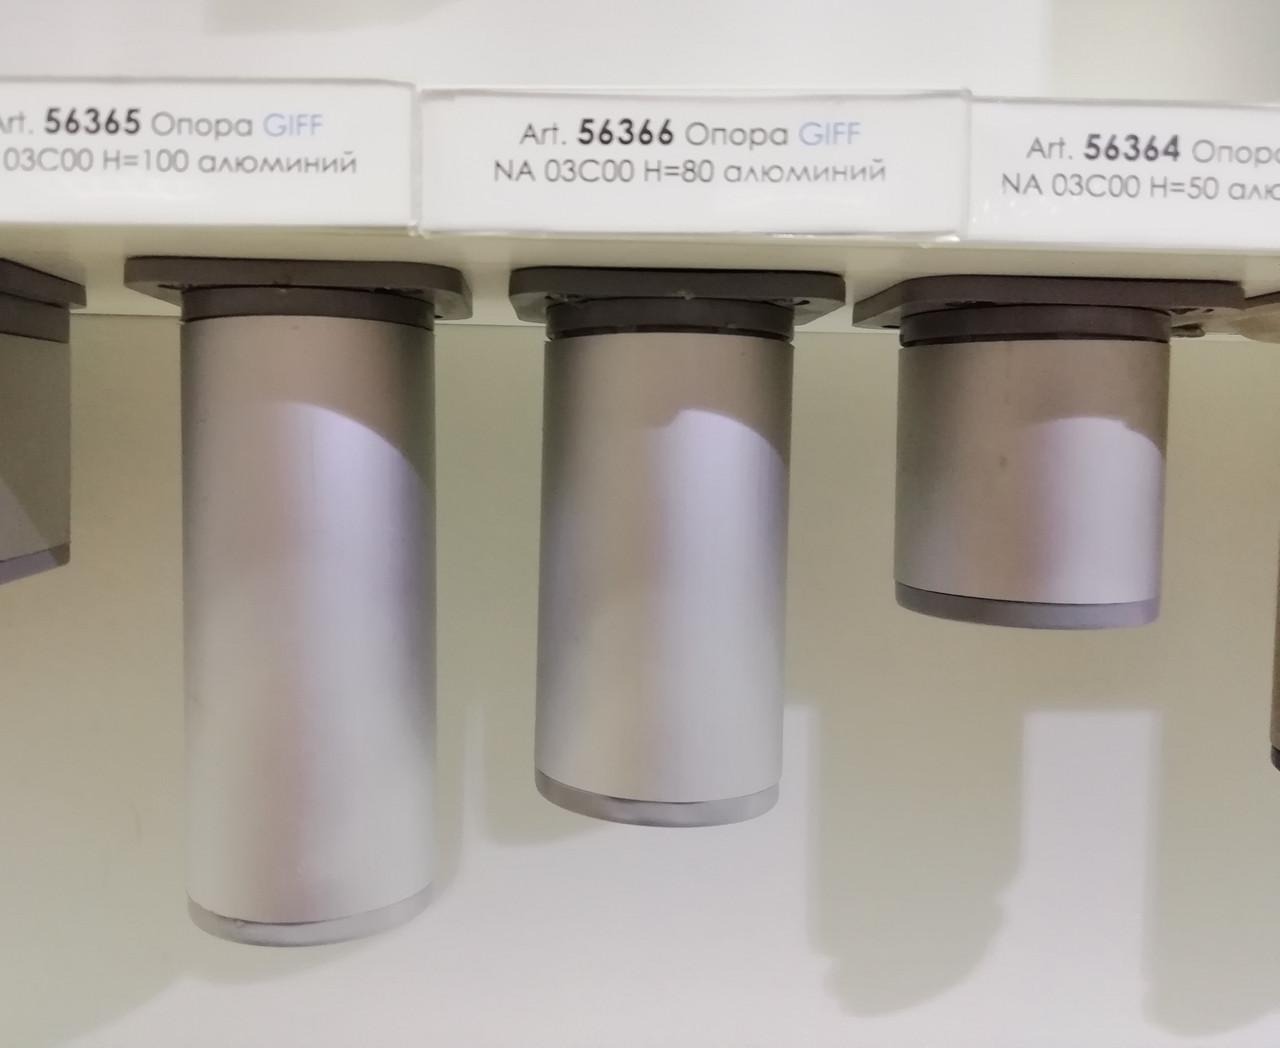 Опора (ніжка) циліндрична регульована GIFF NA 03C00 Н=50, 80, 100, 120, 150 алюміній